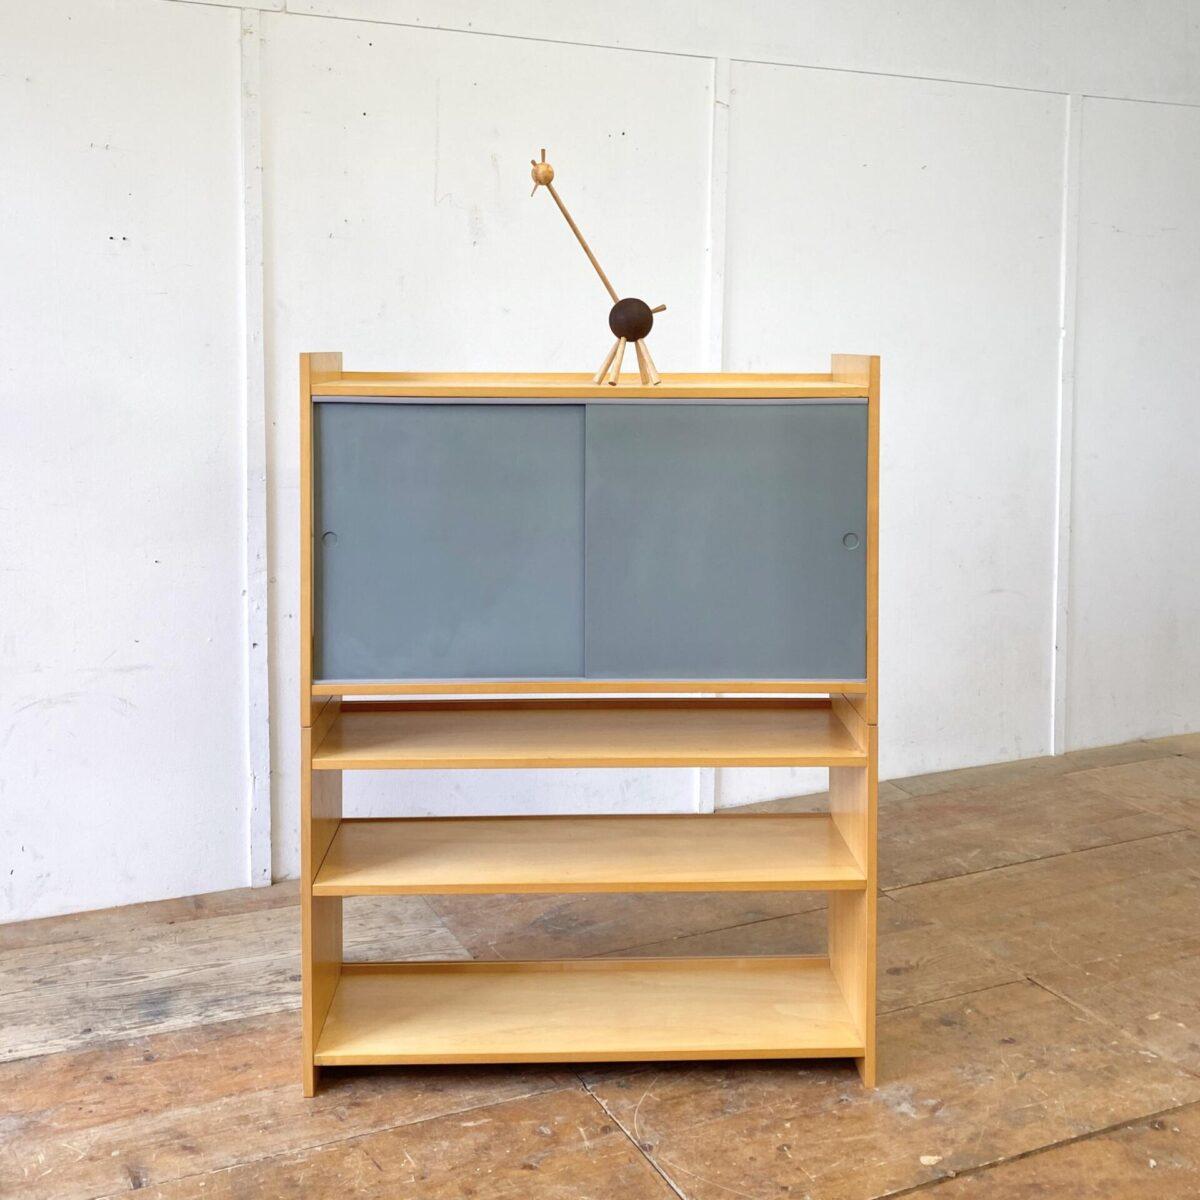 Deuxieme.shop swissdesign. System Regal mit zwei Schiebetüren von Emil Guhl für Wohnhilfe. Das Gestell ist zweiteilig, das Schiebetüren Element kann auch unten eingesetzt werden. Guhl 50er Jahre swissdesign wohnhilfe Zürich